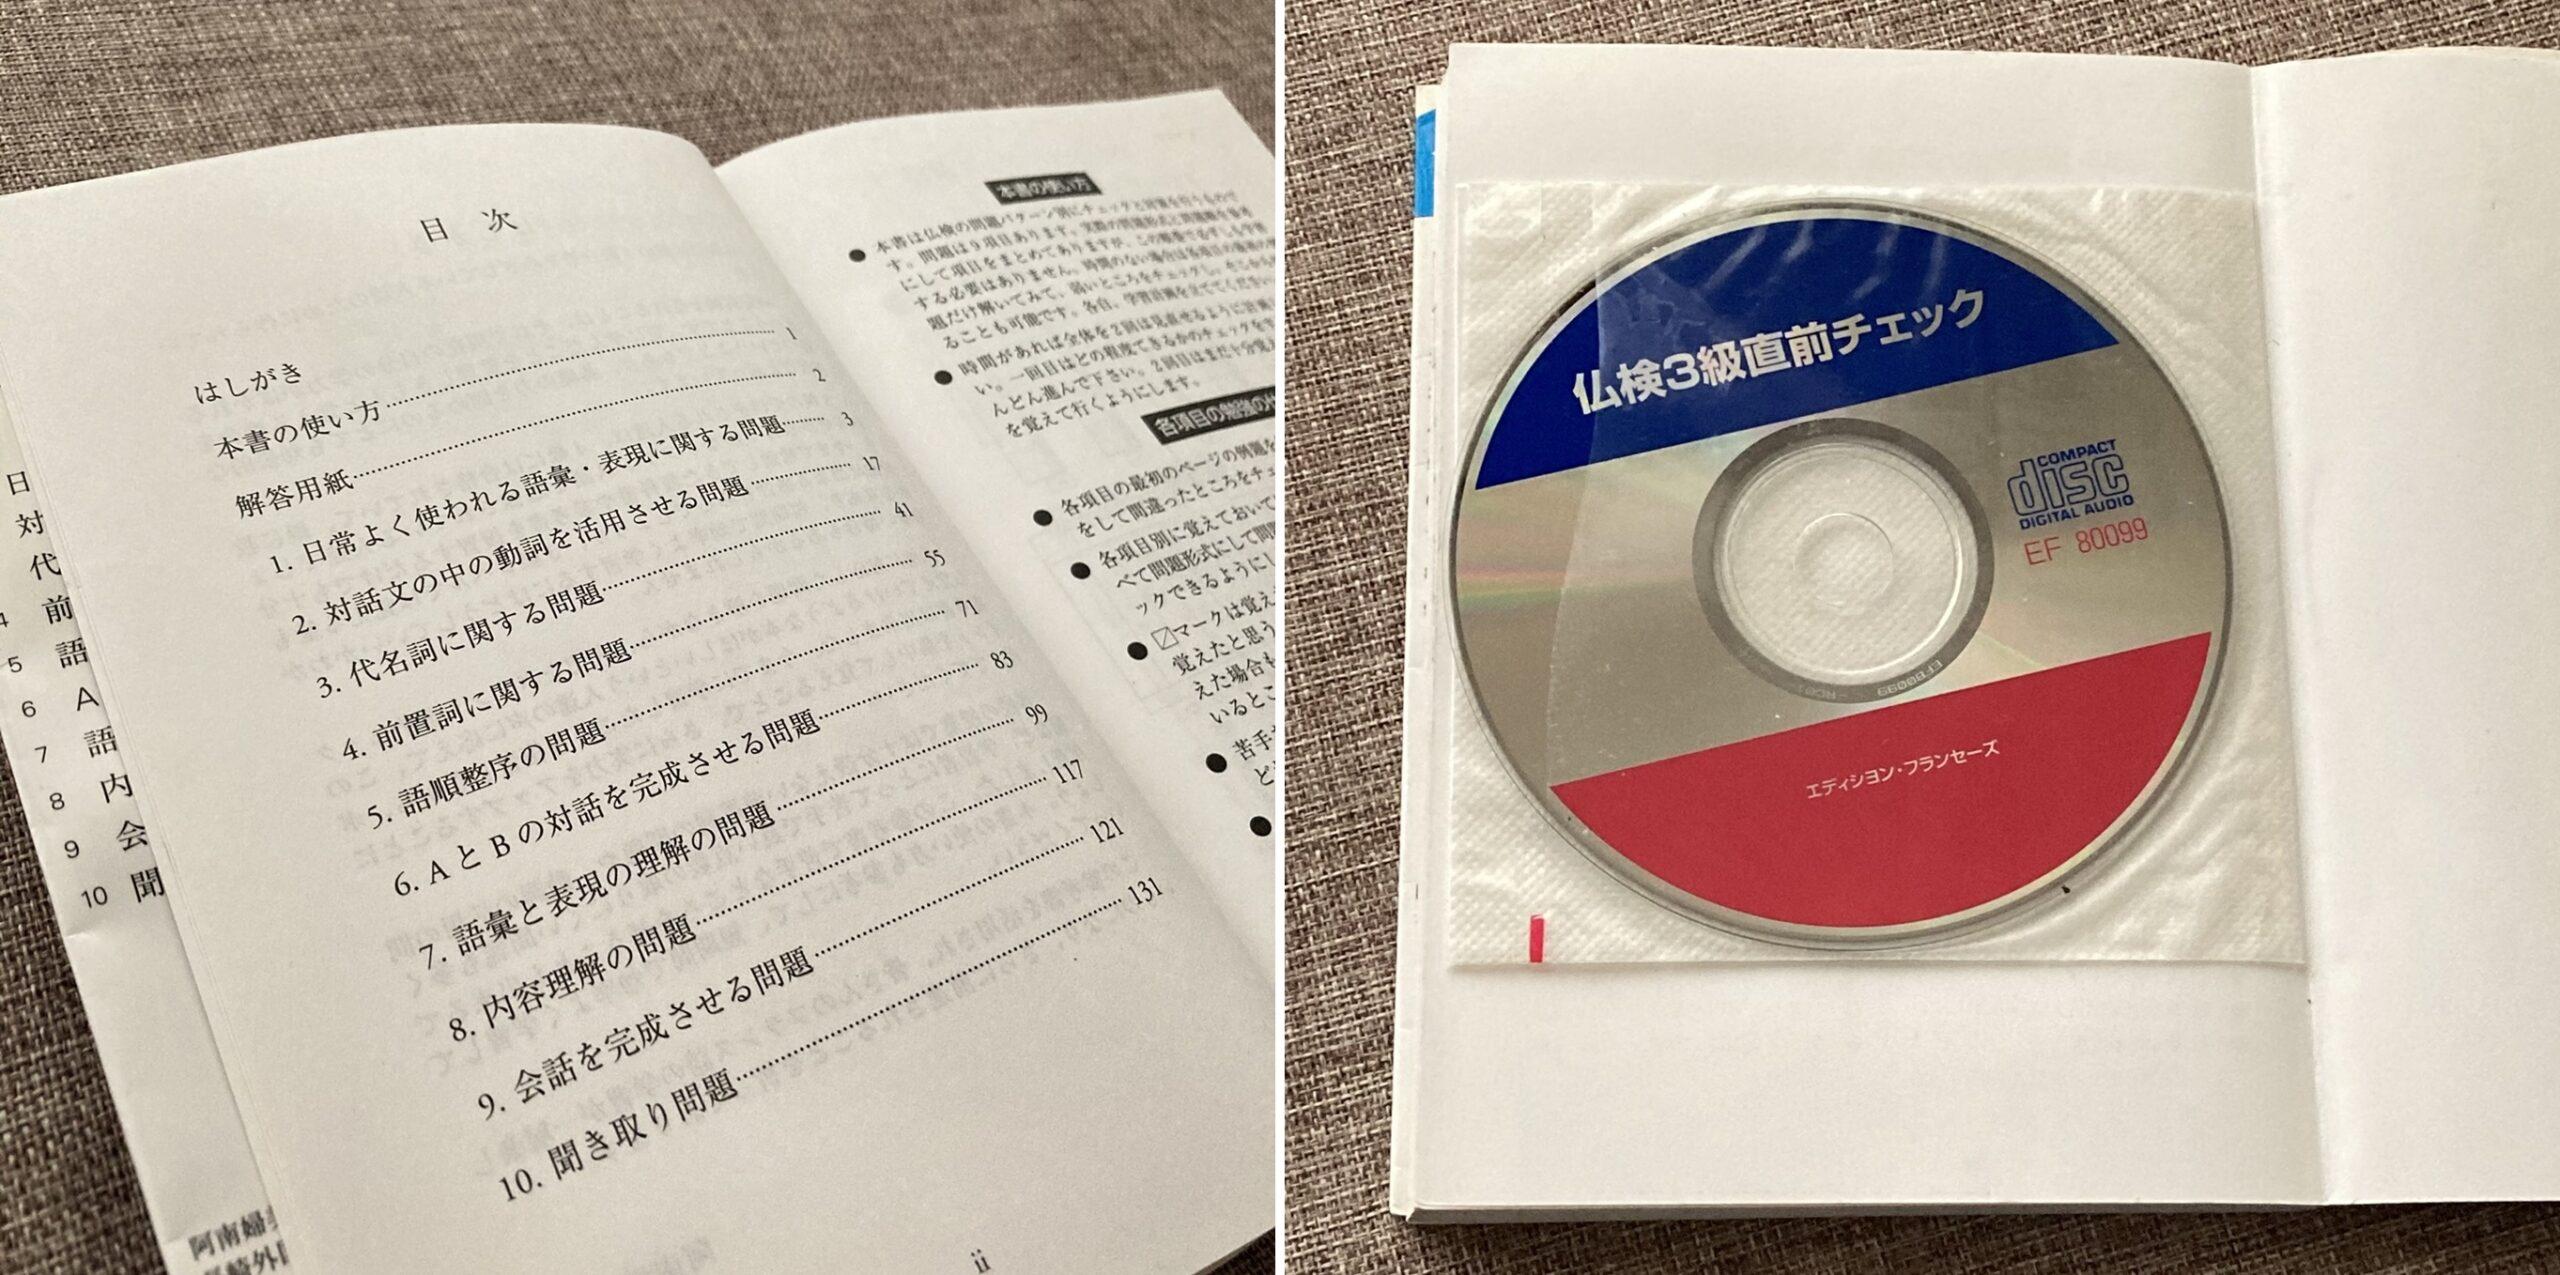 仏検直前チェック3級の目次と付属CD